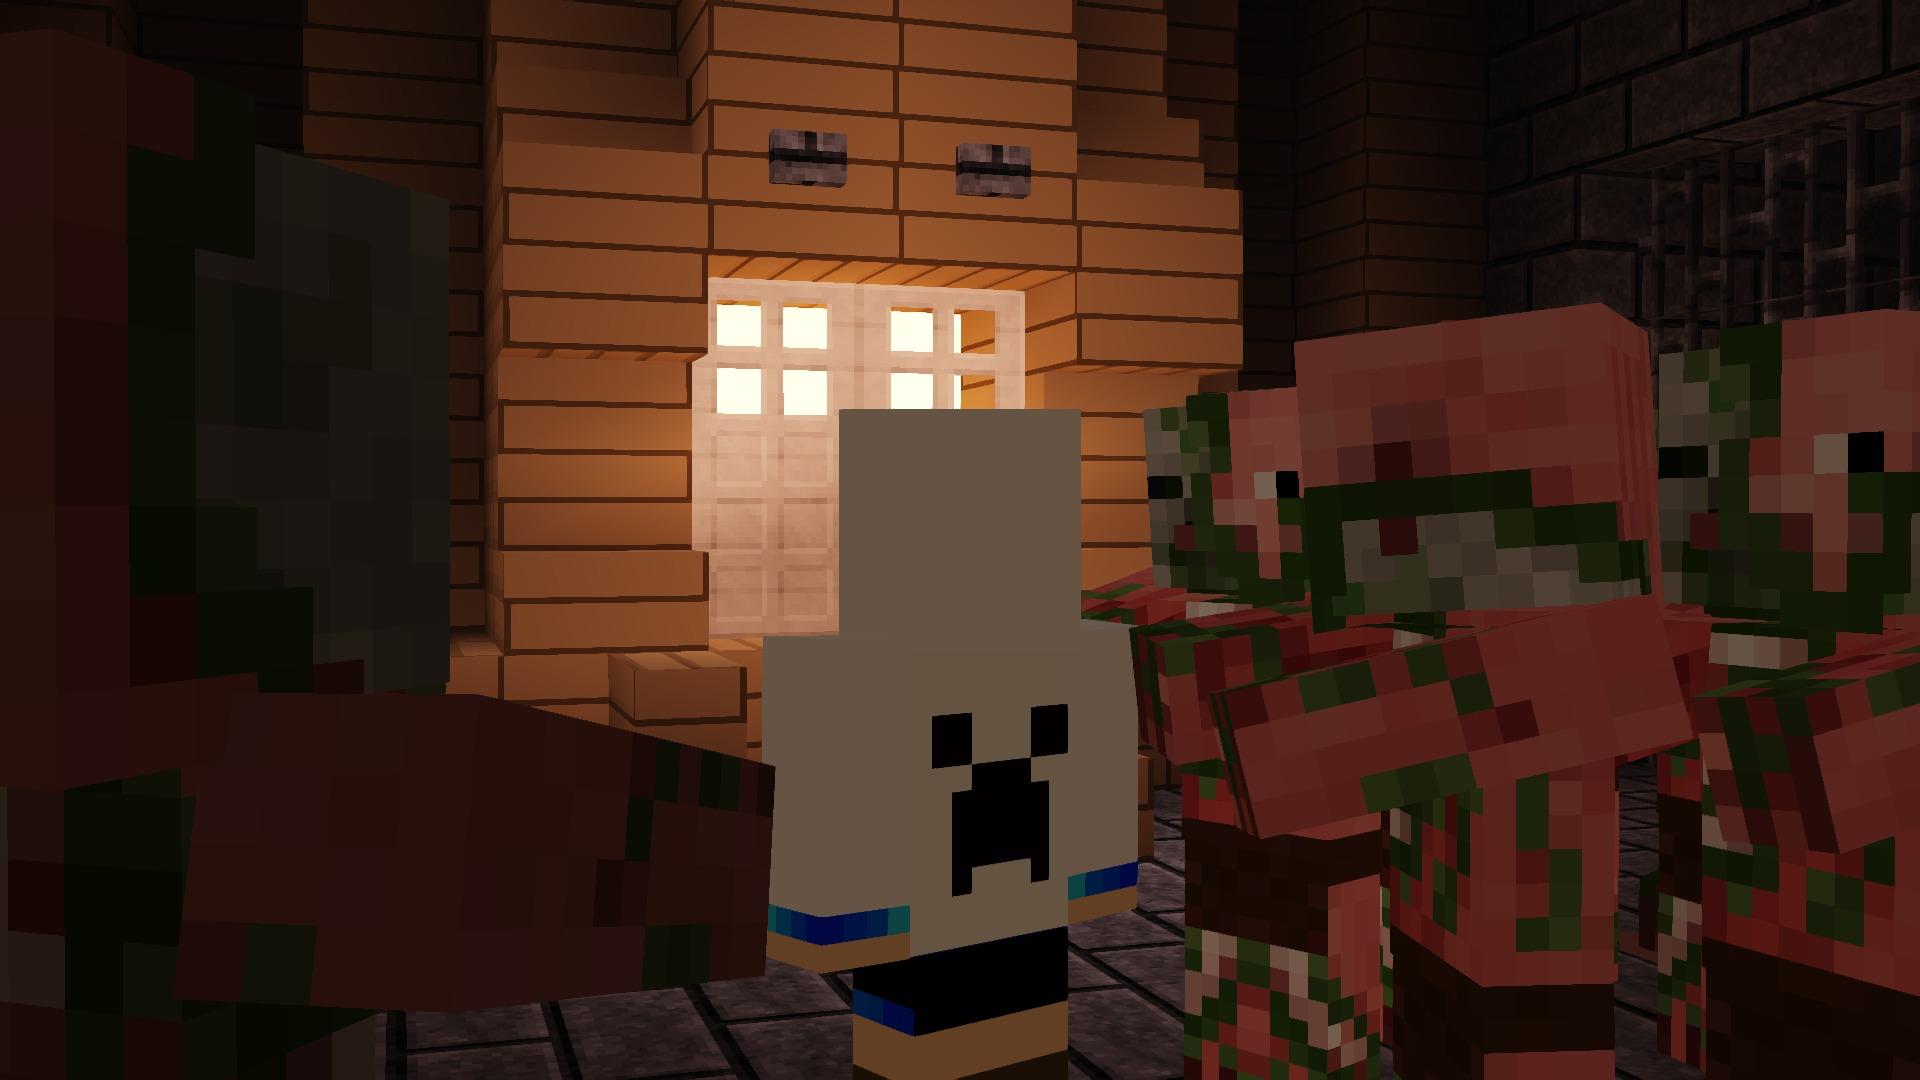 Escape prison - screenshot 7